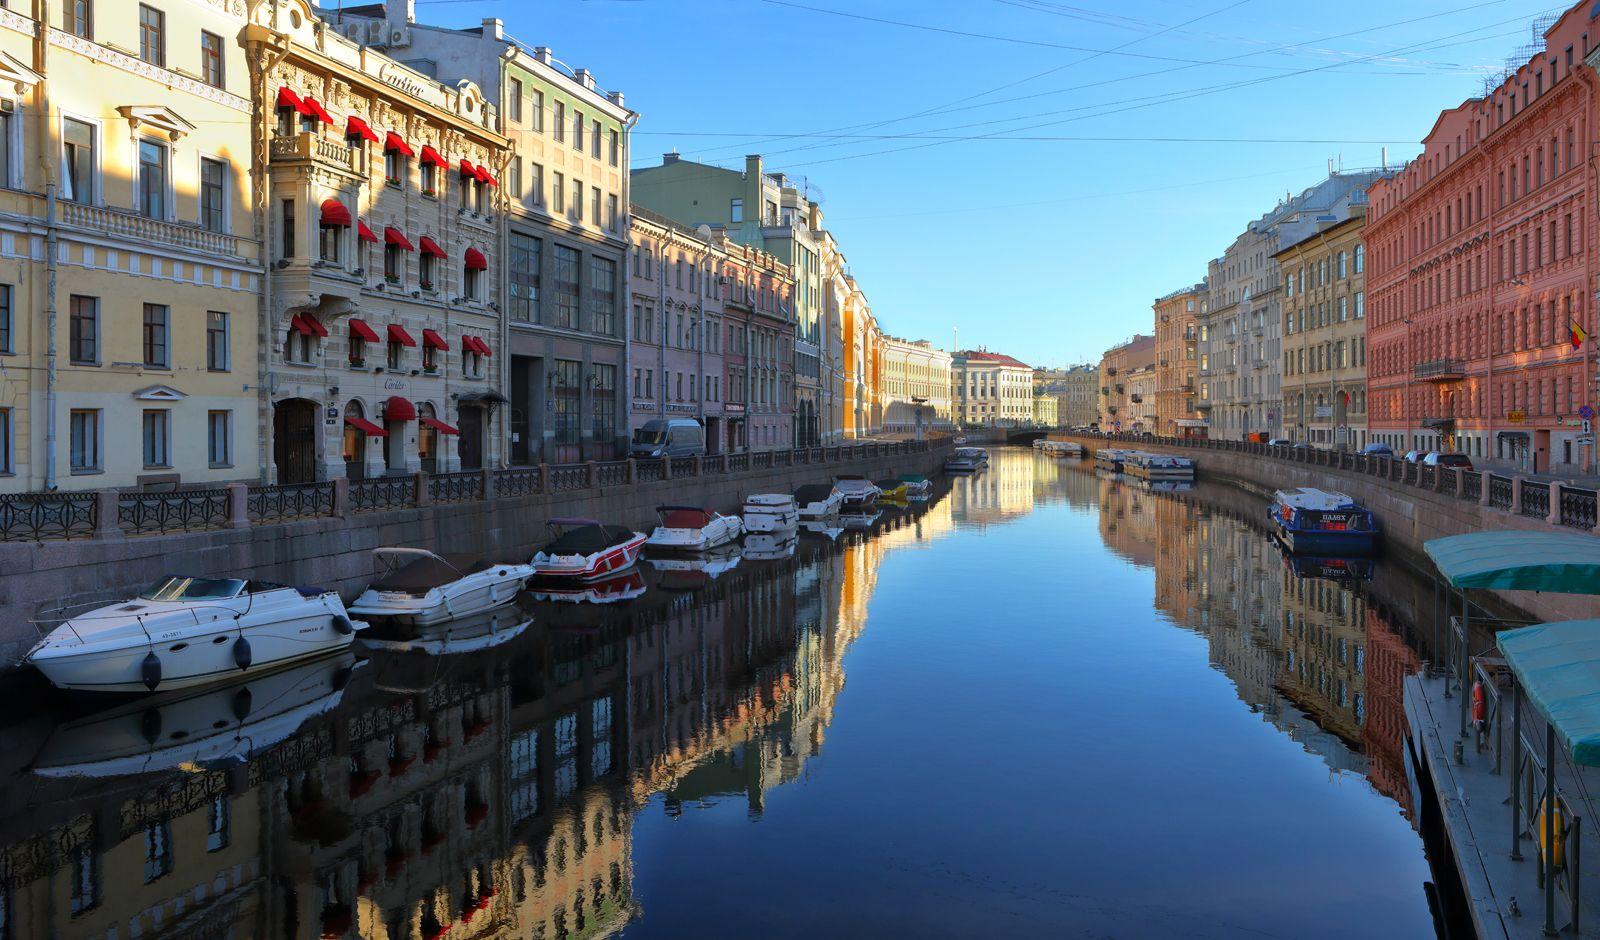 Санкт-Петербург - 2021 Санкт-Петербург Saint-Petersburg Мойка набережная река Эрмитаж рассвет катера штиль